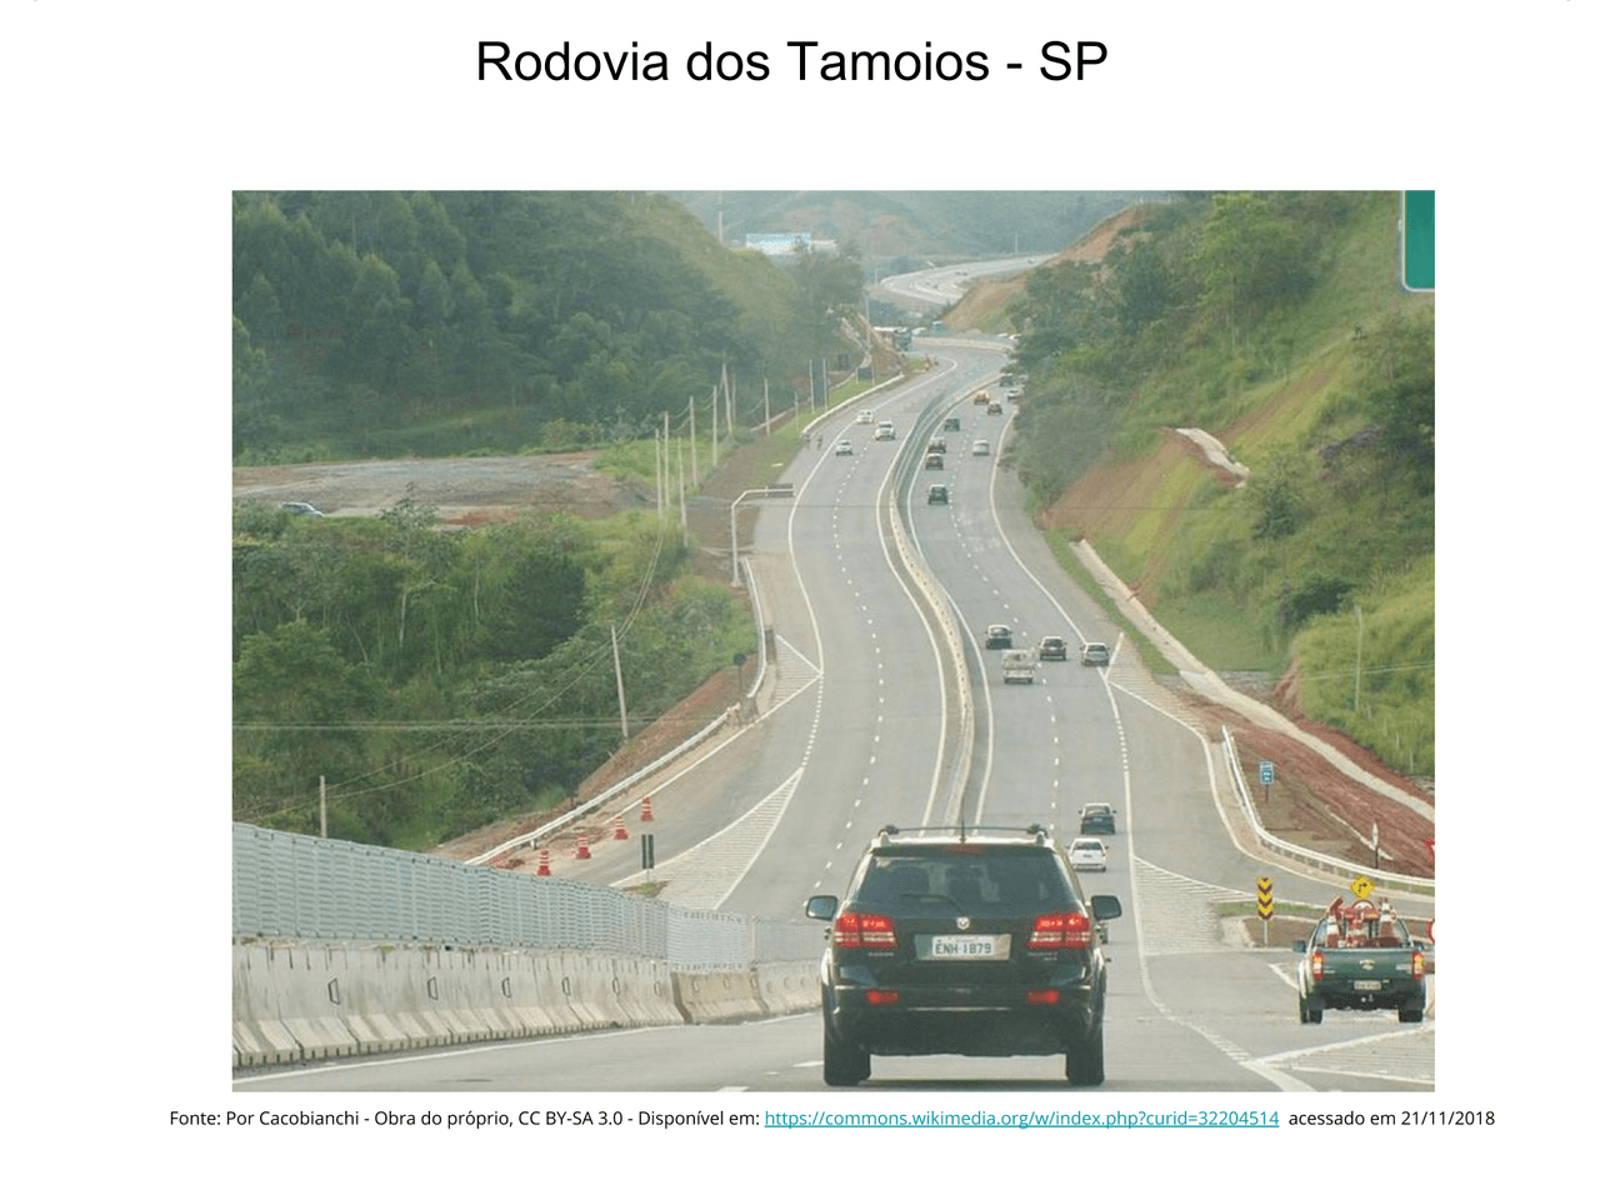 Caminhos indígenas: as primeiras redes de transporte e comunicação do Brasil